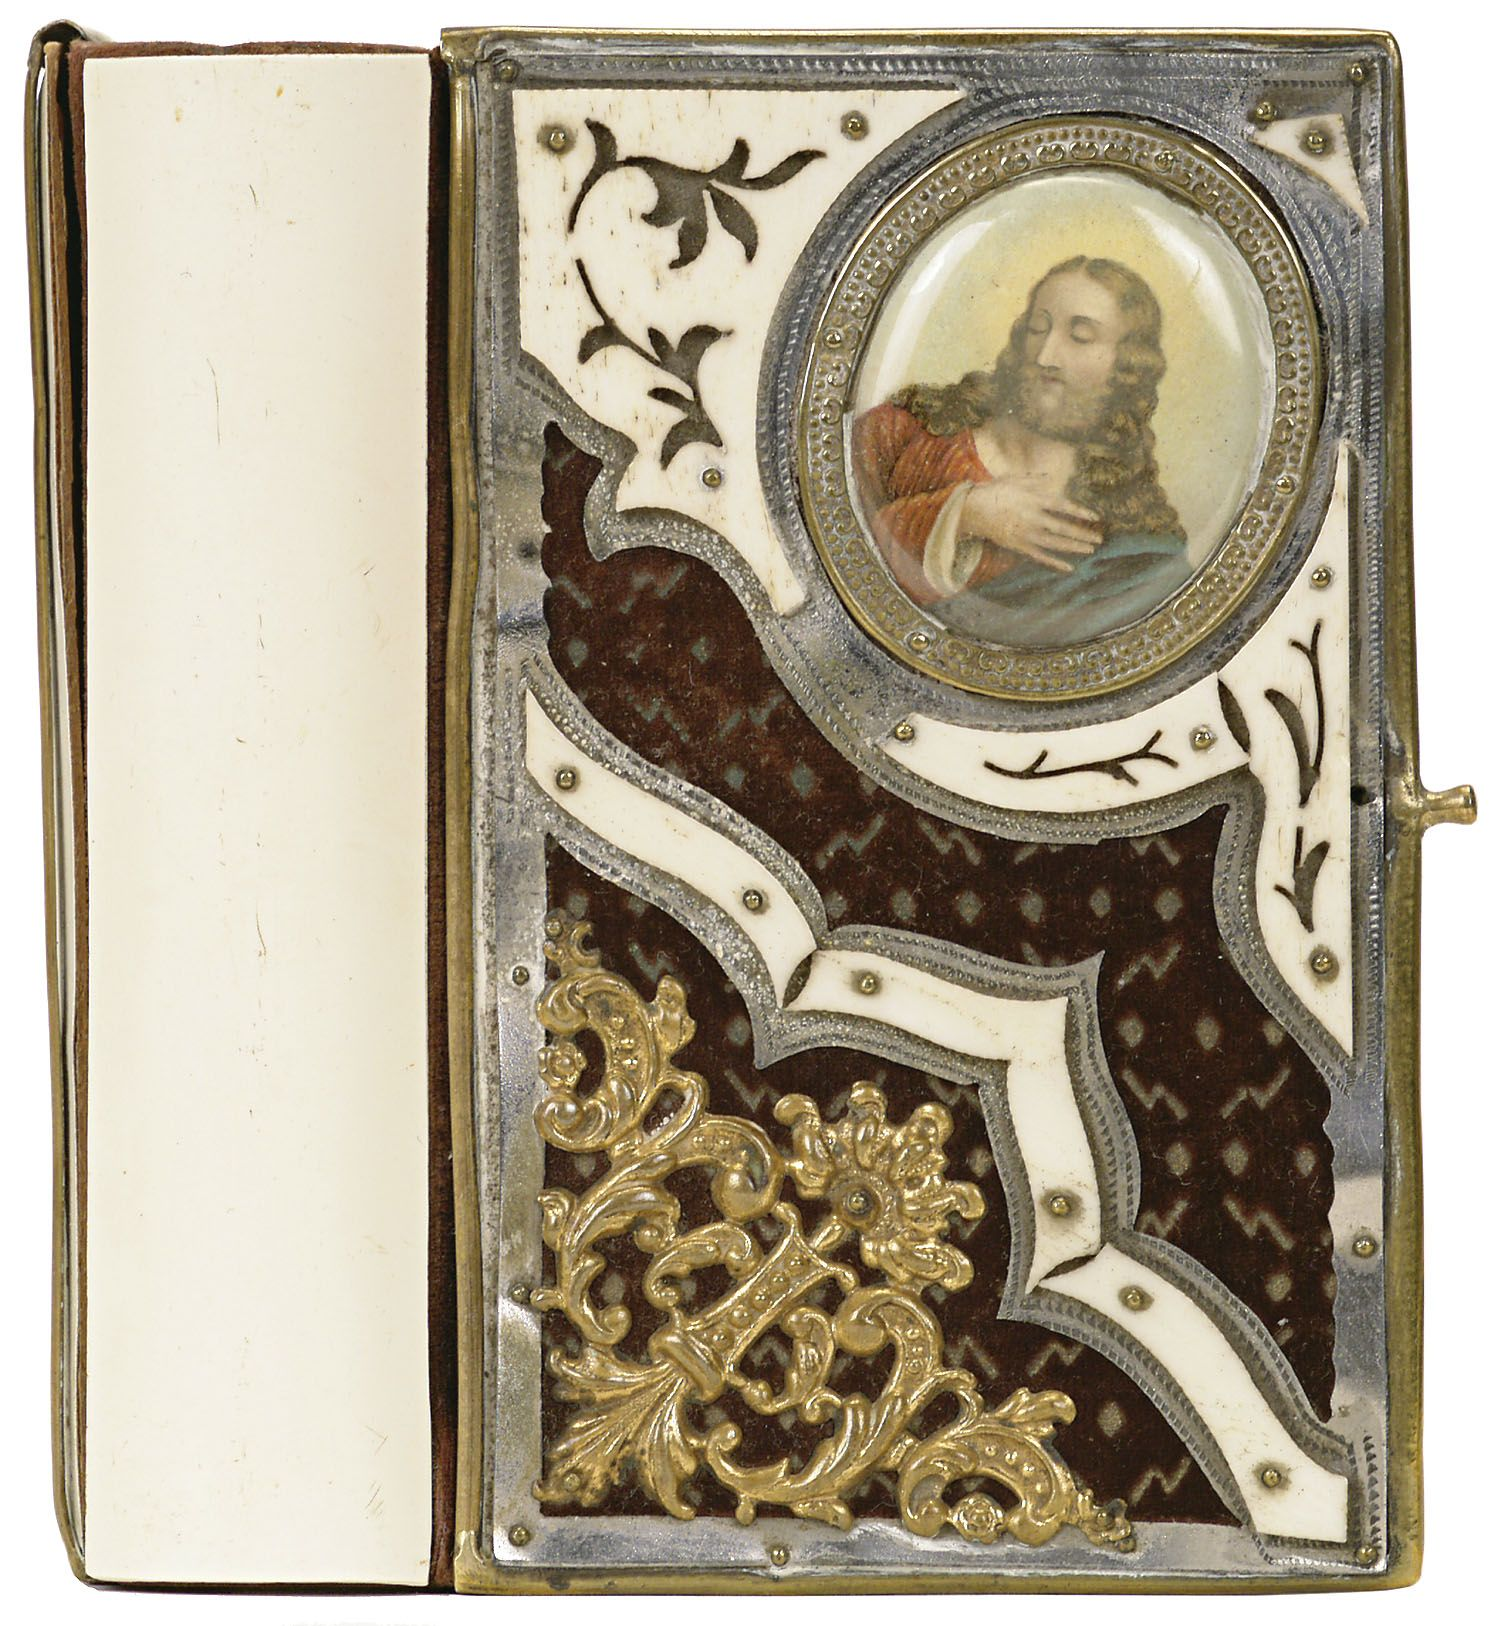 Via Koninklijke Bibliotheek, 1894